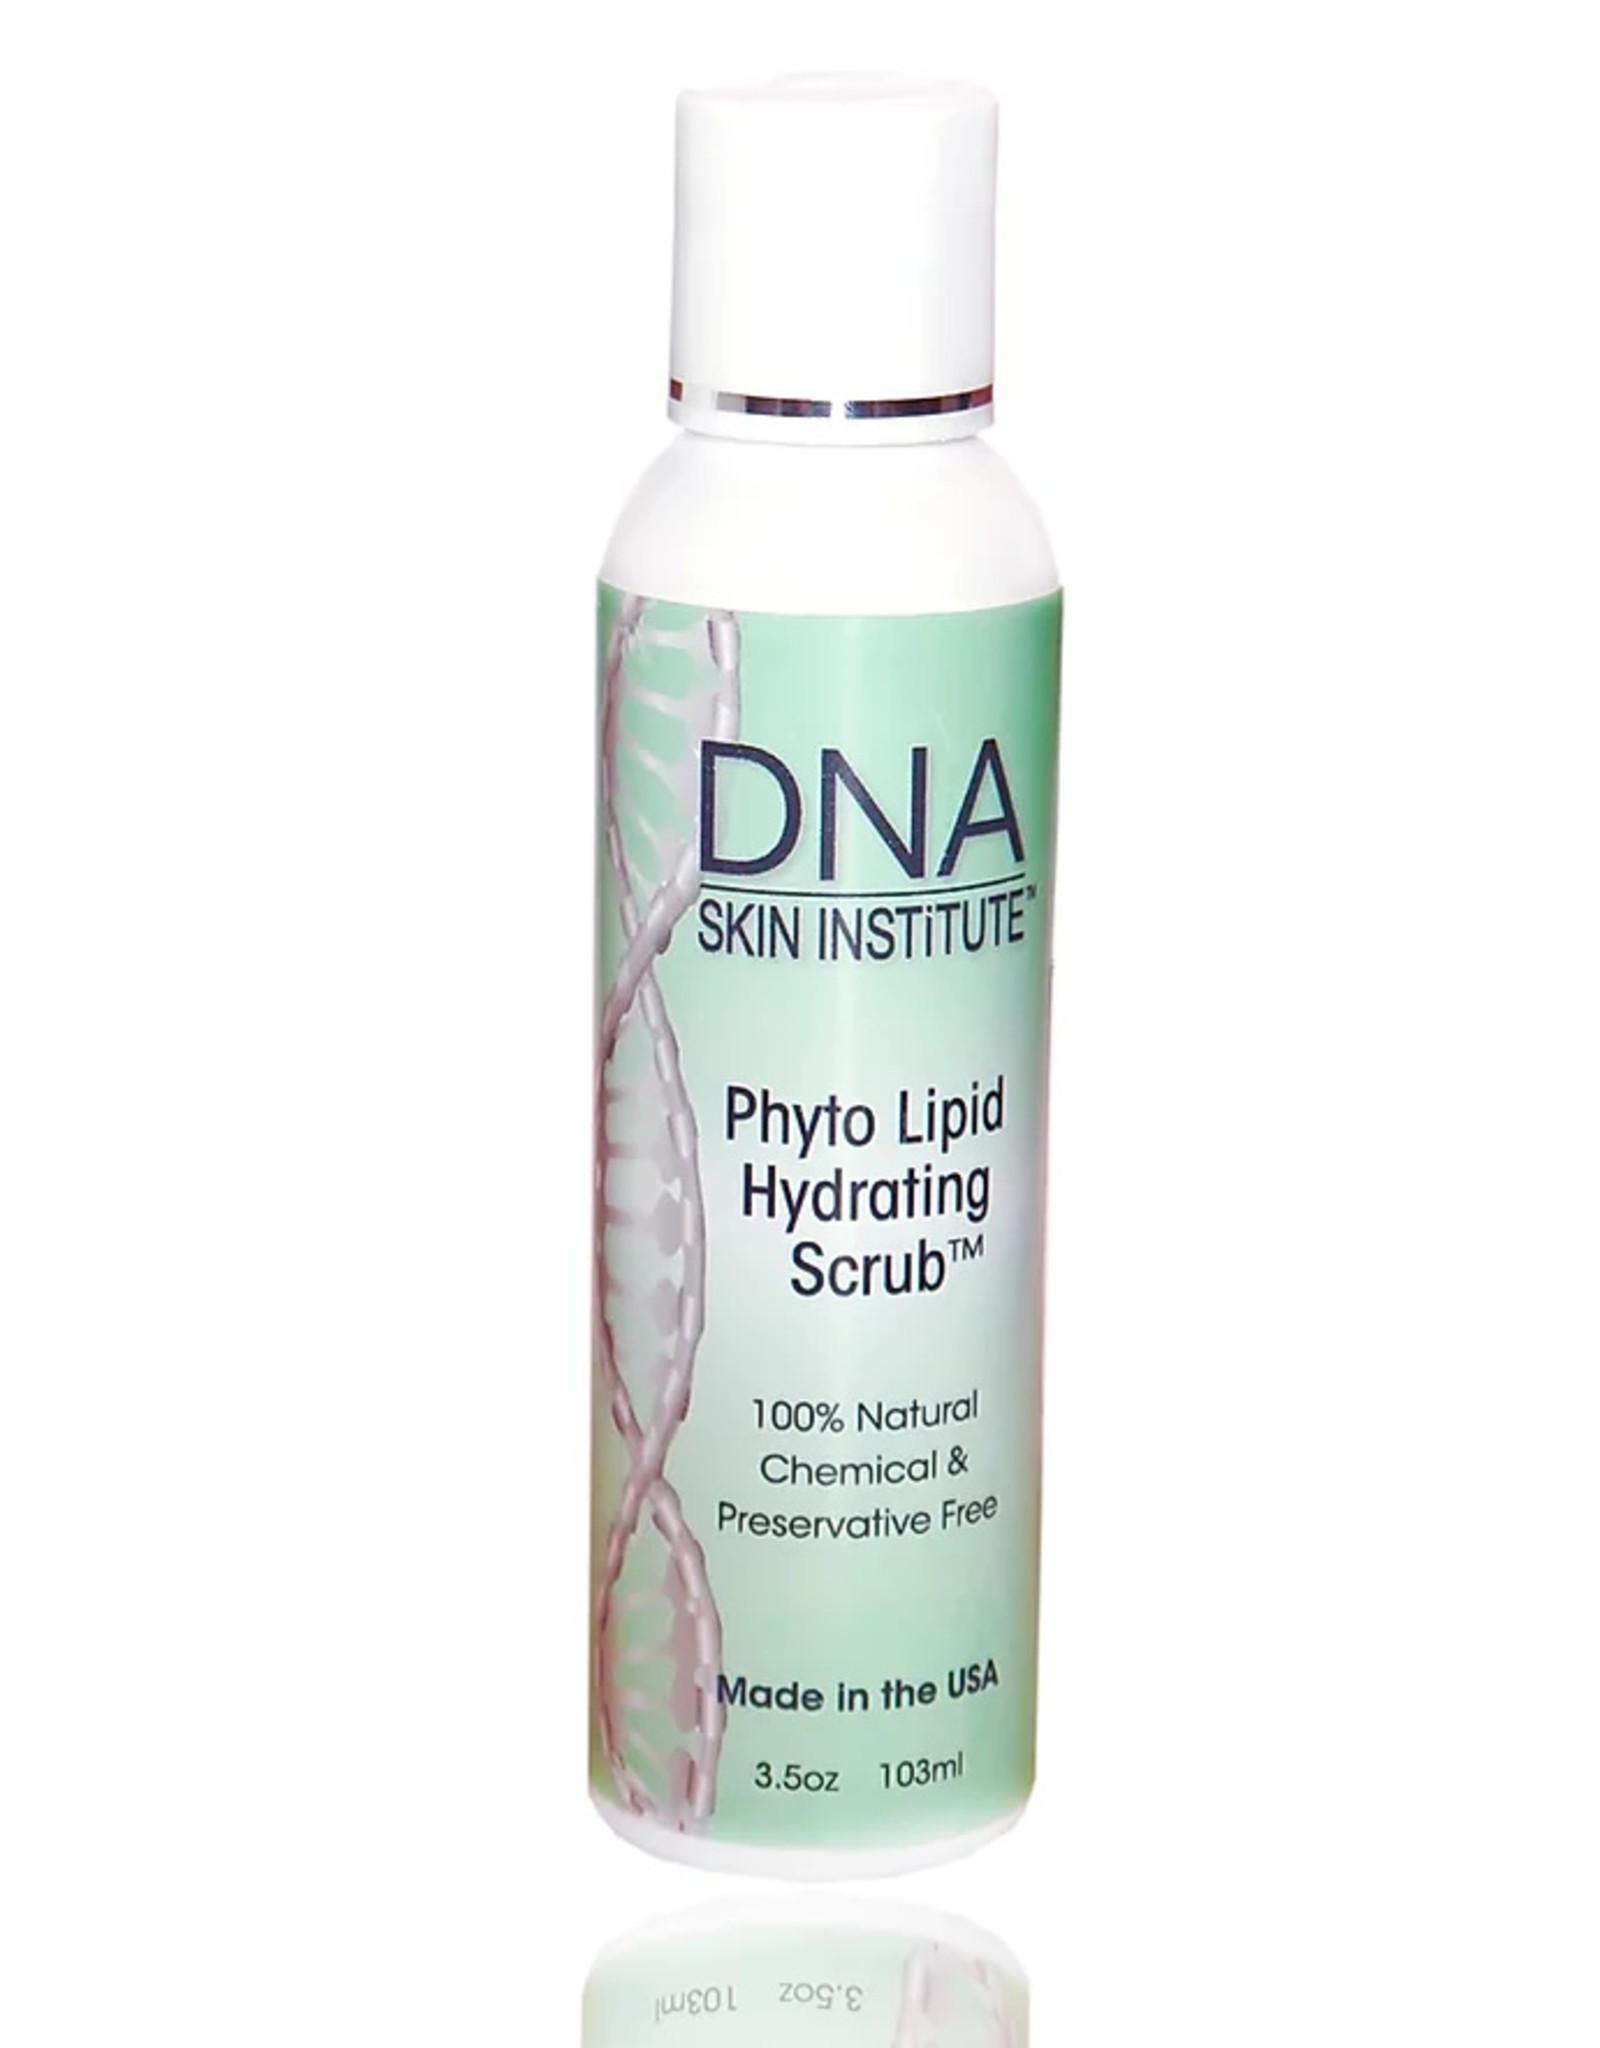 DNA Skin Institute Phyto Lipid Hydrating Scrub